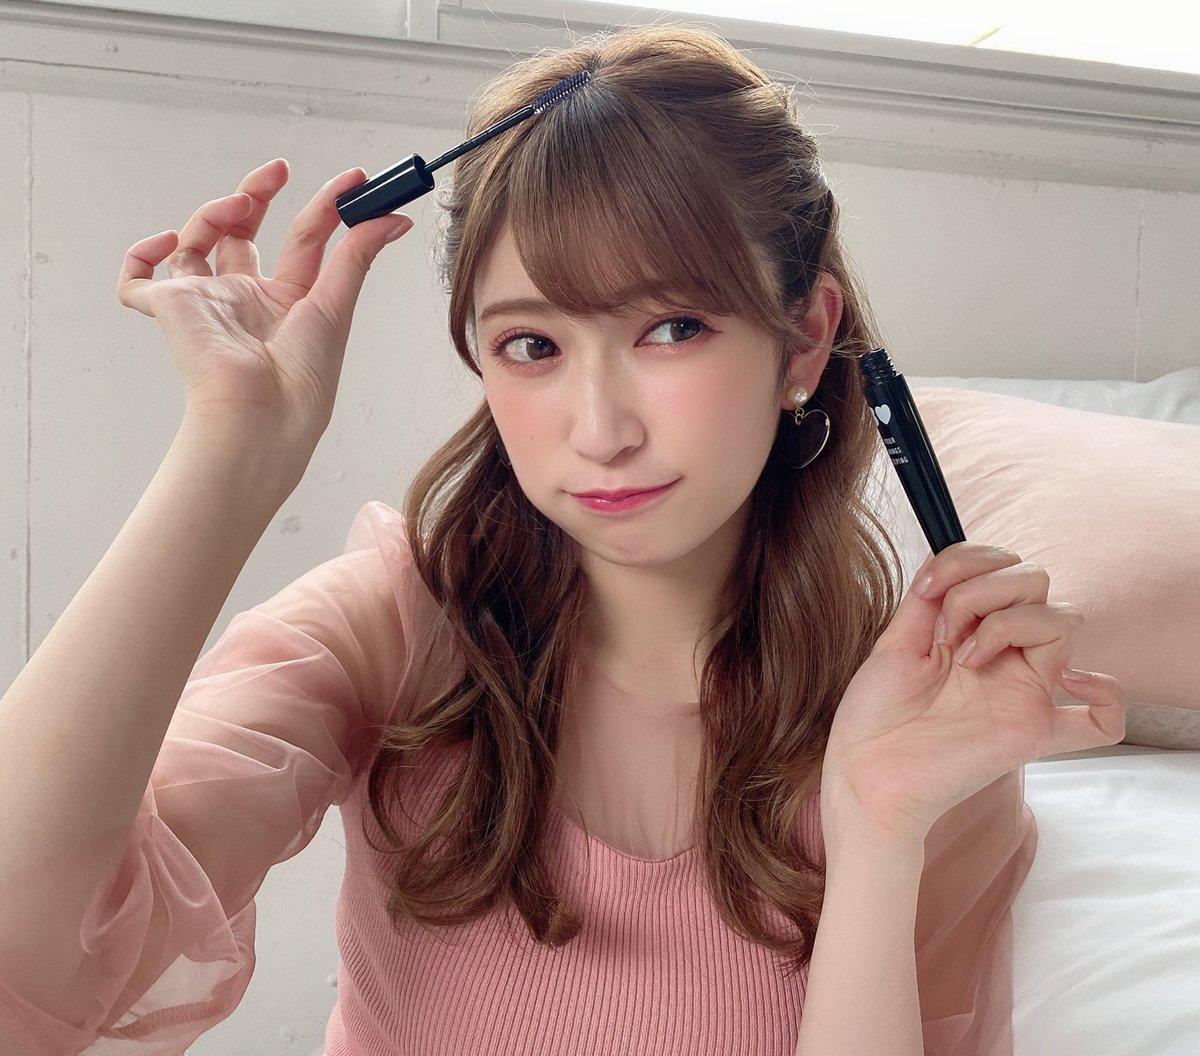 アカリンこと吉田朱里ちゃんプロデュースの前髪キープマスカラ、予約してきた!マスカラ型スタイリング剤は画期的過ぎる…。セットした髪にサッと塗るだけだで朝の前髪がキープだと。1月31日発売の1800円+税は安い